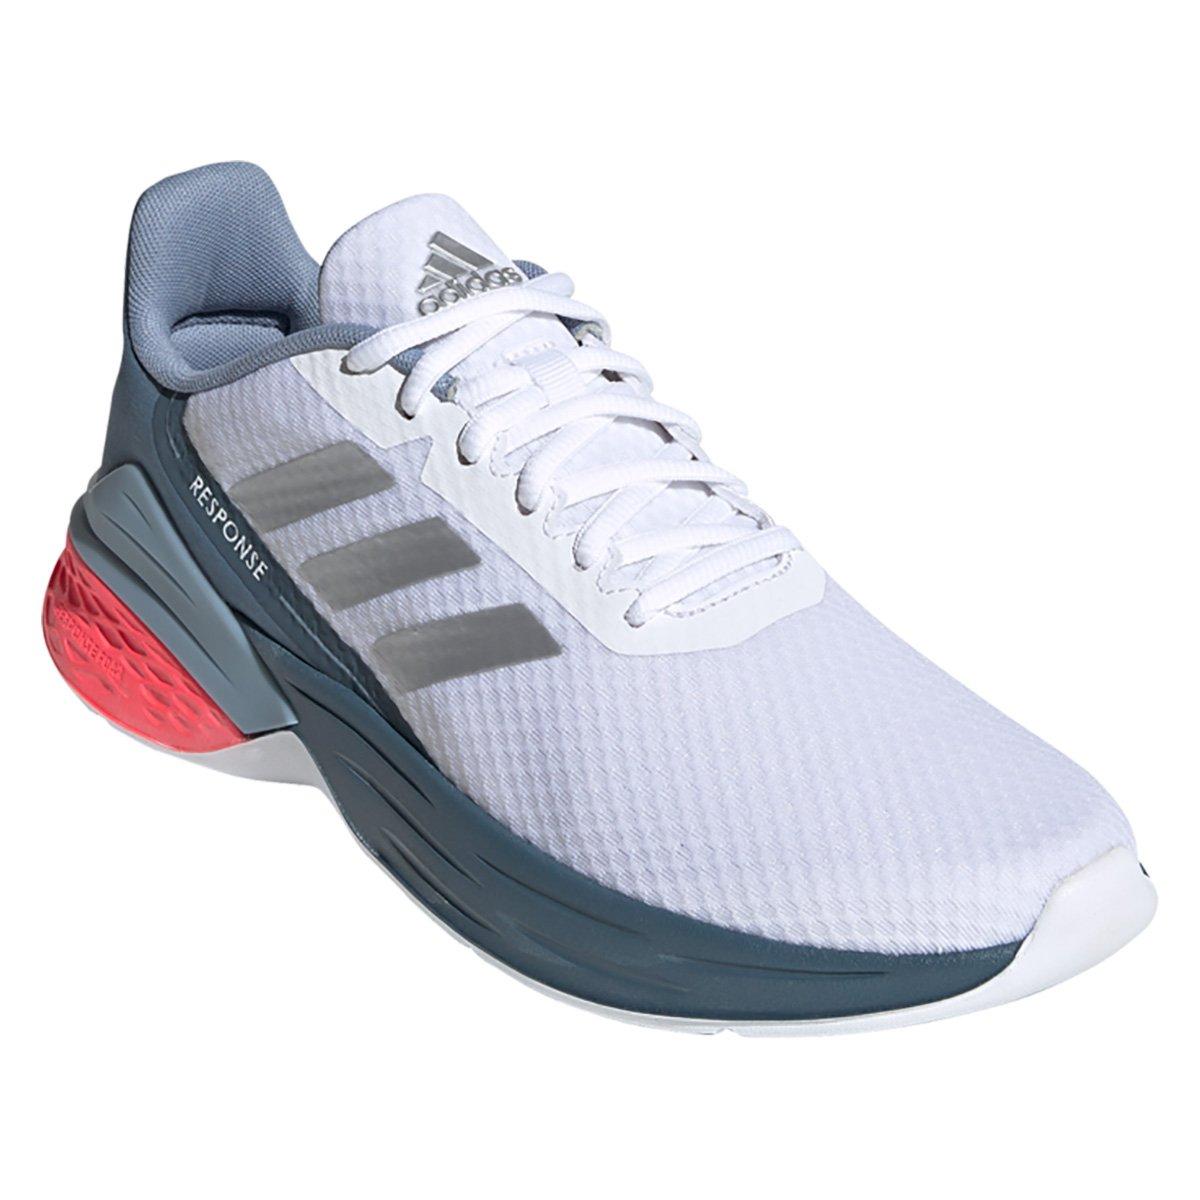 Tenis Adidas Branco/Cinza/Laranja Feminino Response Sr